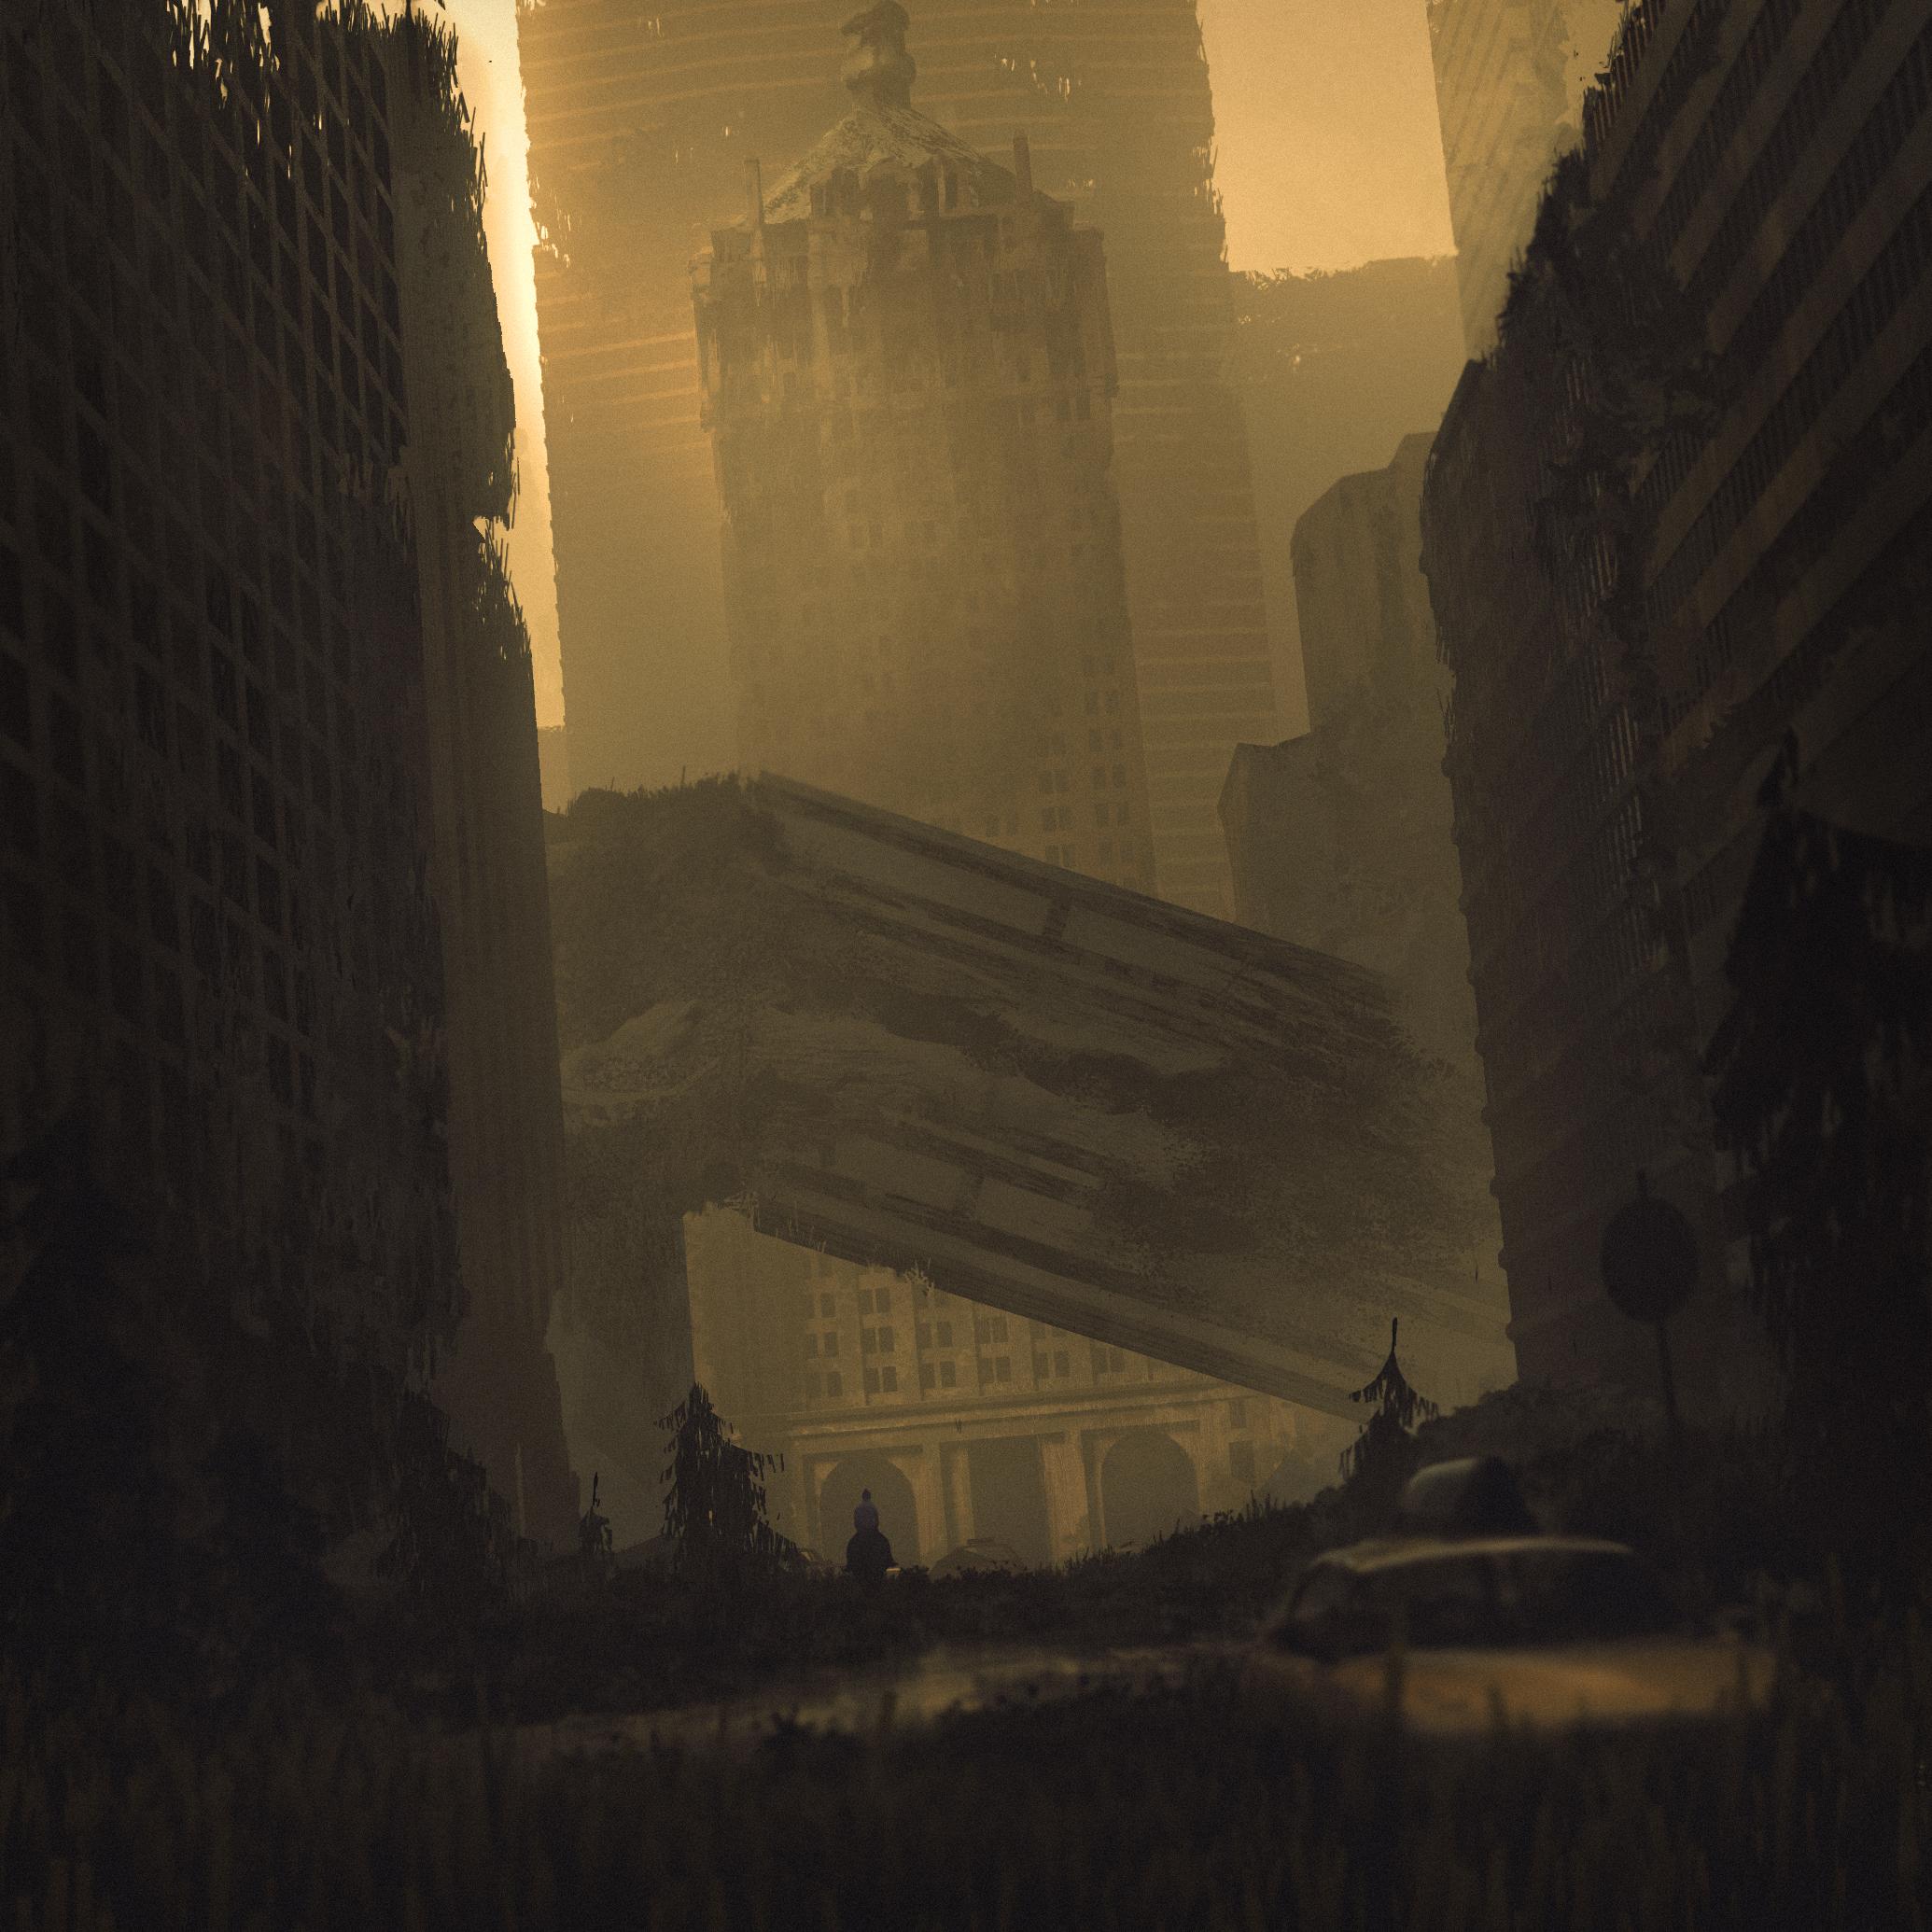 Post-apocalyptic NY